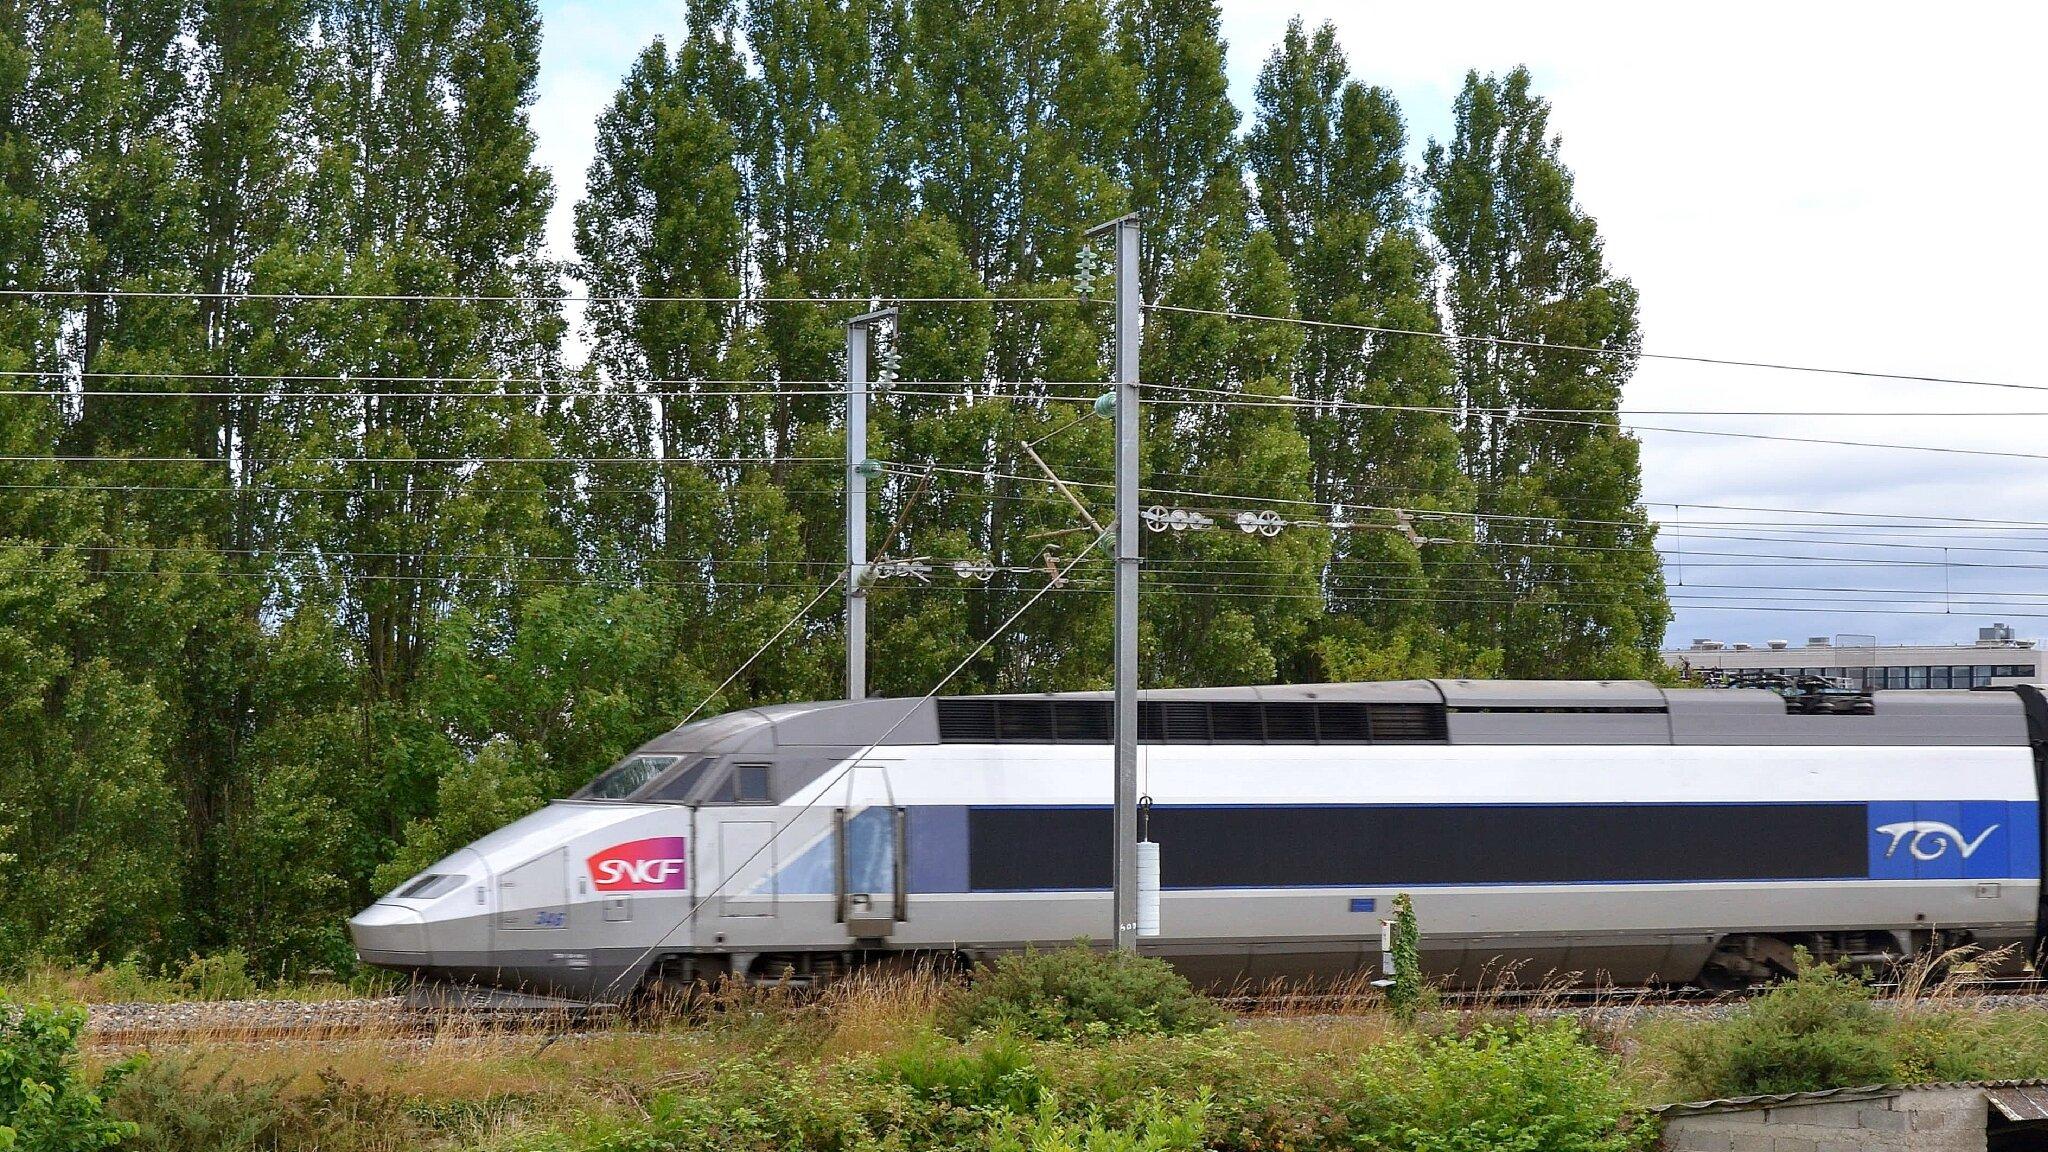 Arrivée du premier TGV via la LGV ! à 12h11 il est passé derrière chez moi!